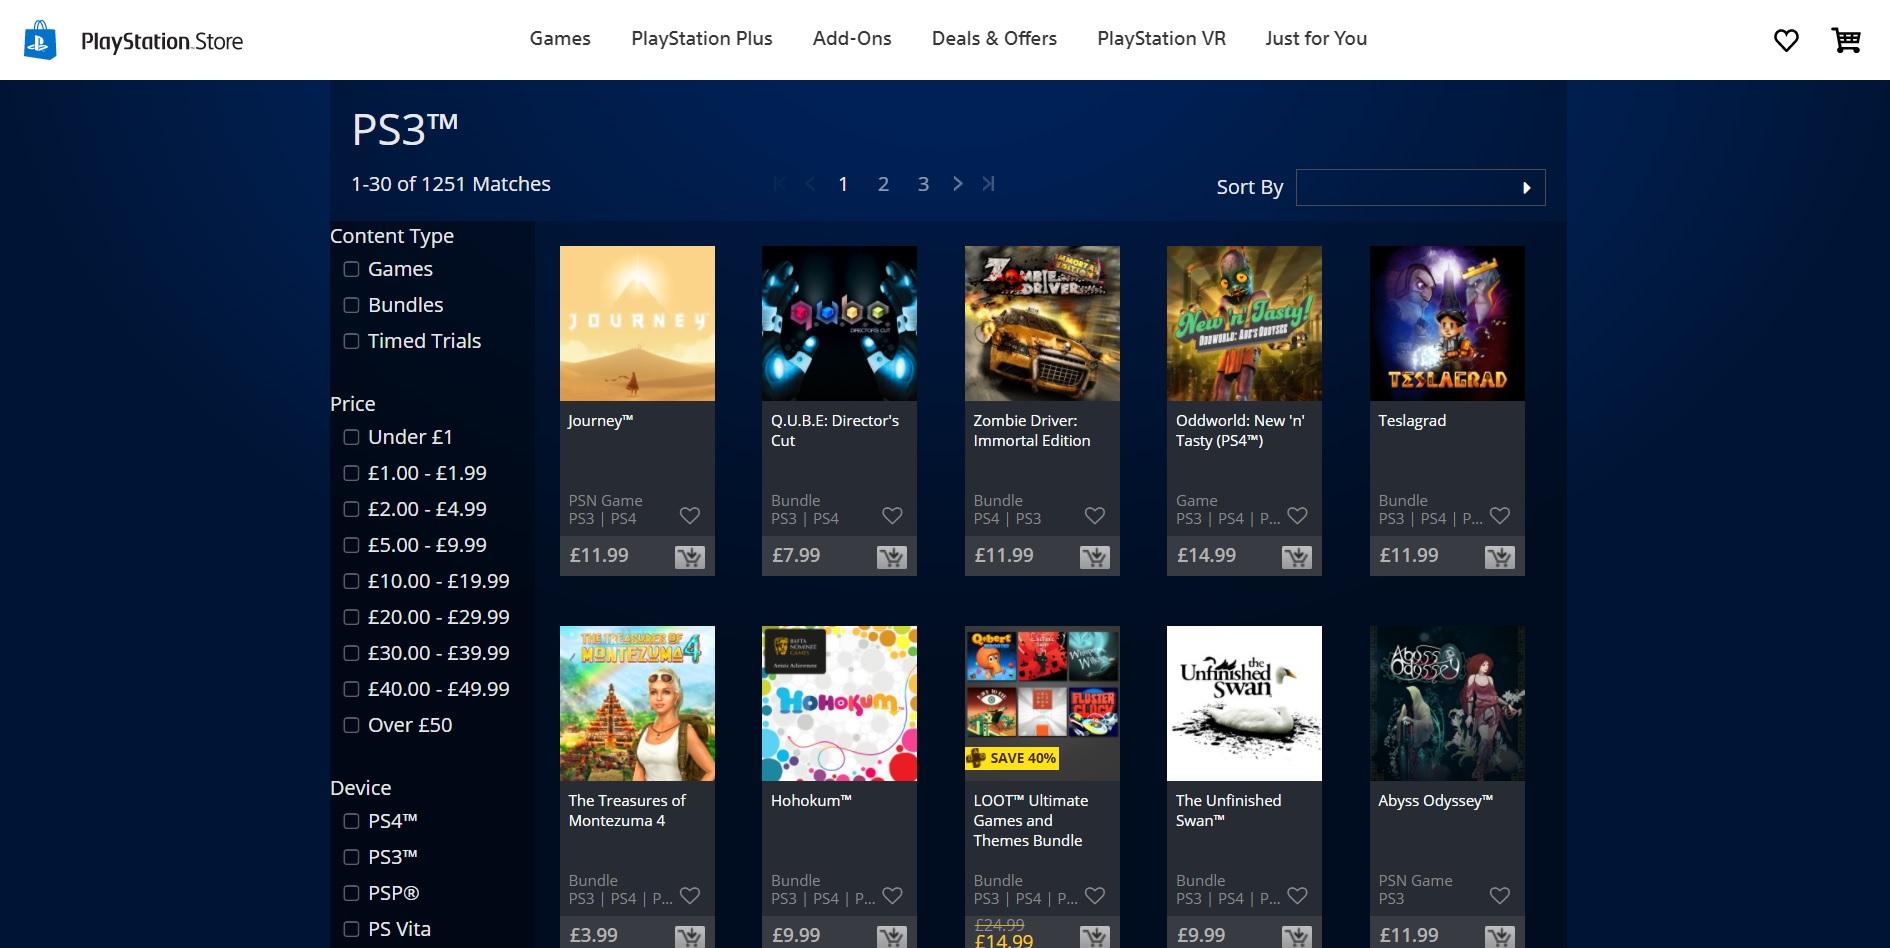 Sony slutar sälja PSP-. PS3- och Vita-spel via webben. Spelen nås endast via konsolerna | Feber / Spel